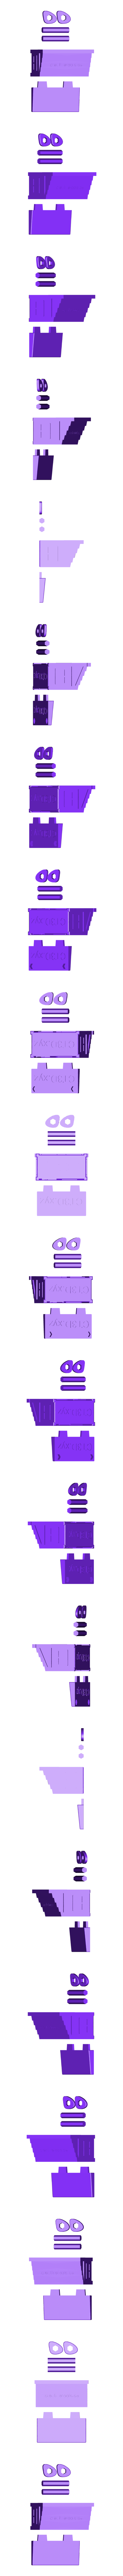 House_Version_3_Assembly_Shed_Roof_(Modular Castle Playset - 3D-printable)_By_CreativeTools.se.stl Télécharger fichier STL gratuit Plateau modulaire de château (imprimable en 3D) • Modèle à imprimer en 3D, CreativeTools